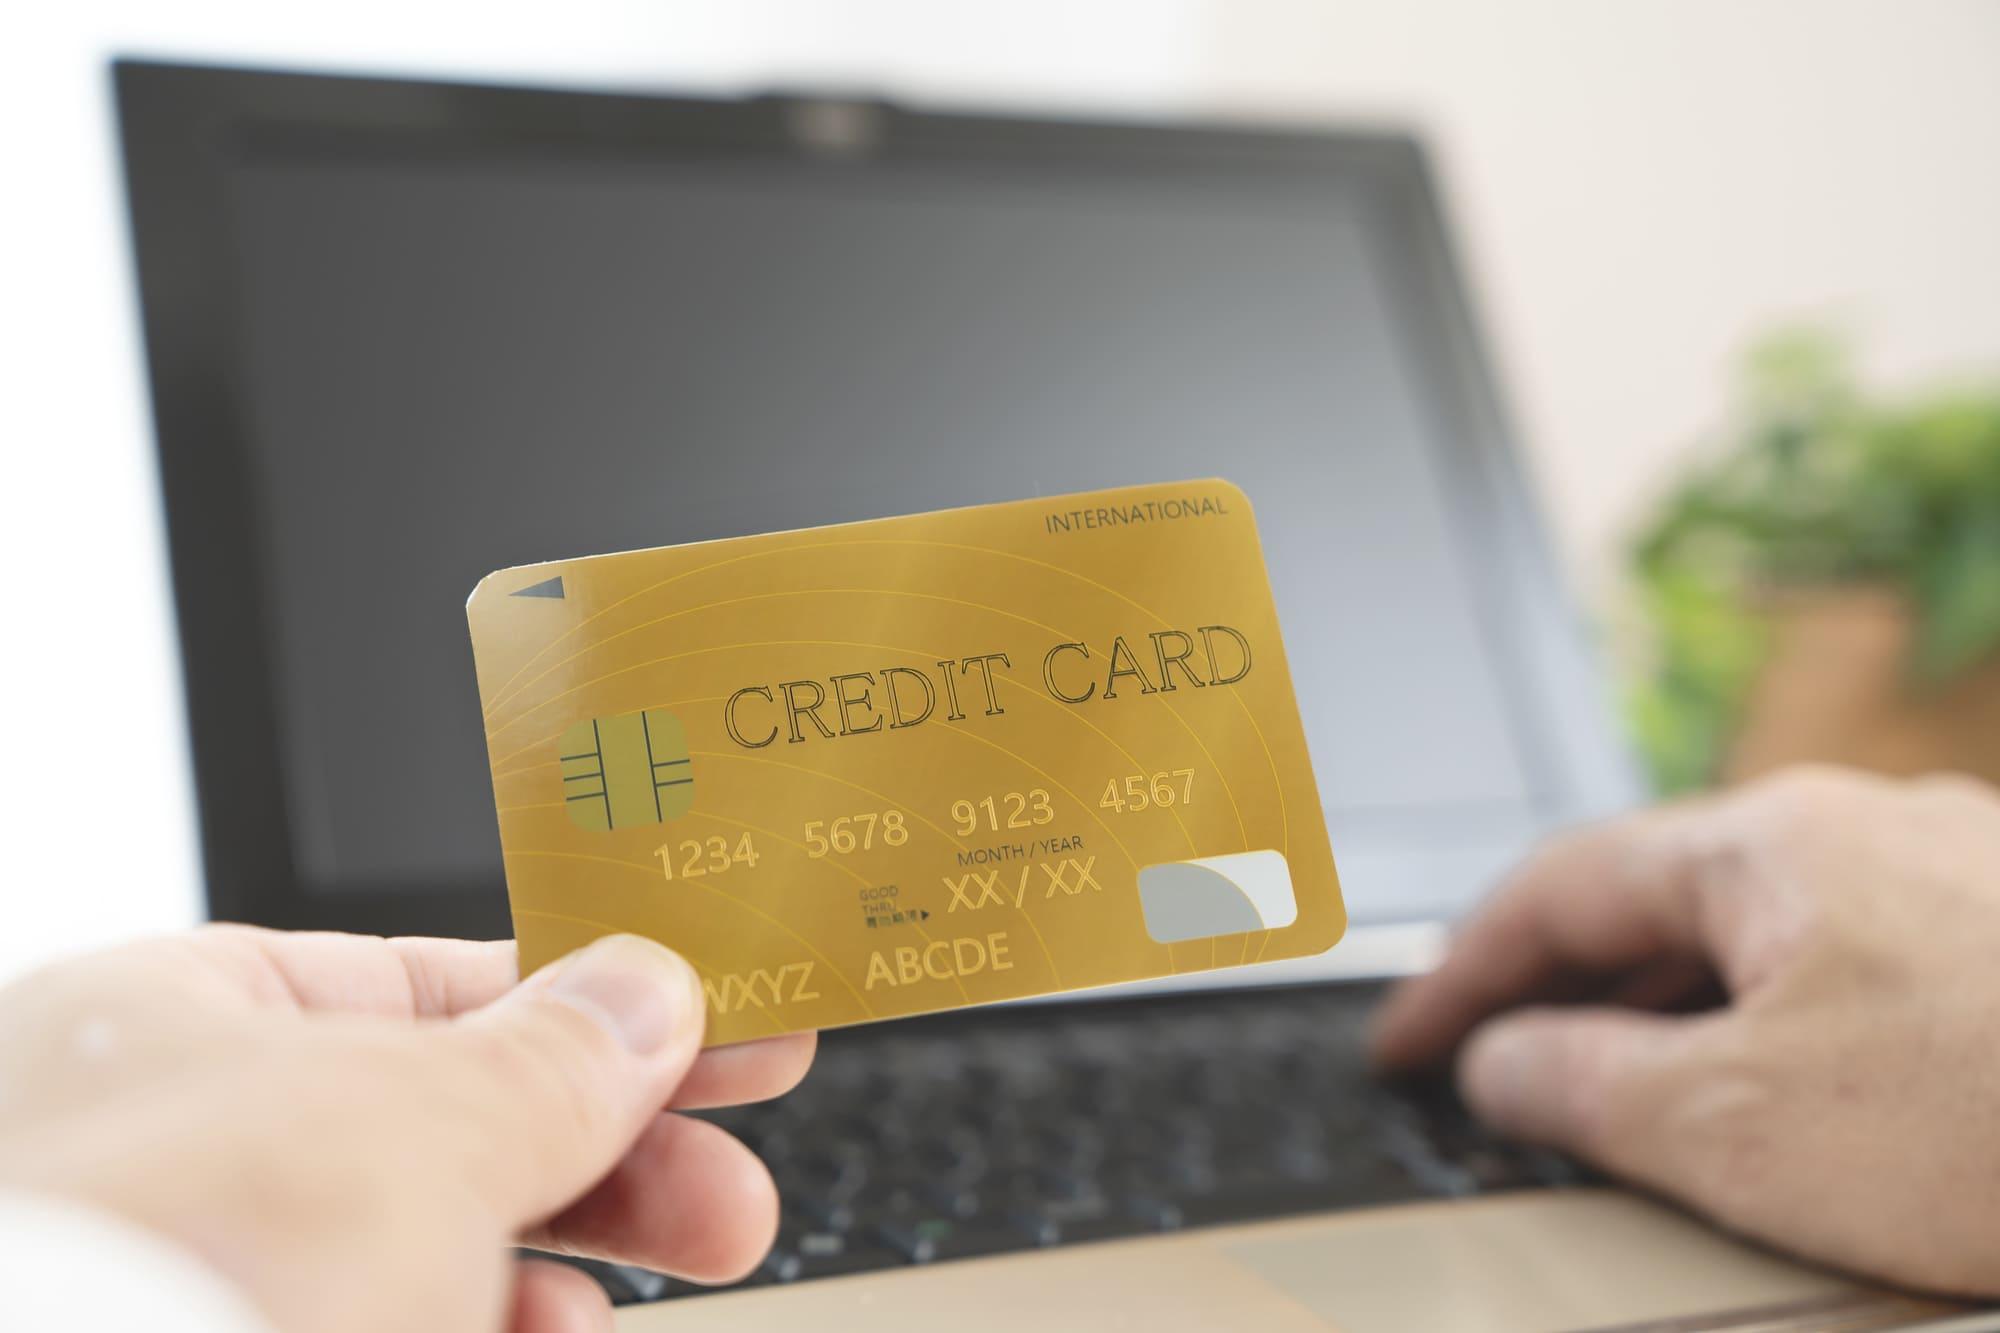 ビジネスカードのおすすめ7選!付帯サービスやポイントなどの特徴を紹介